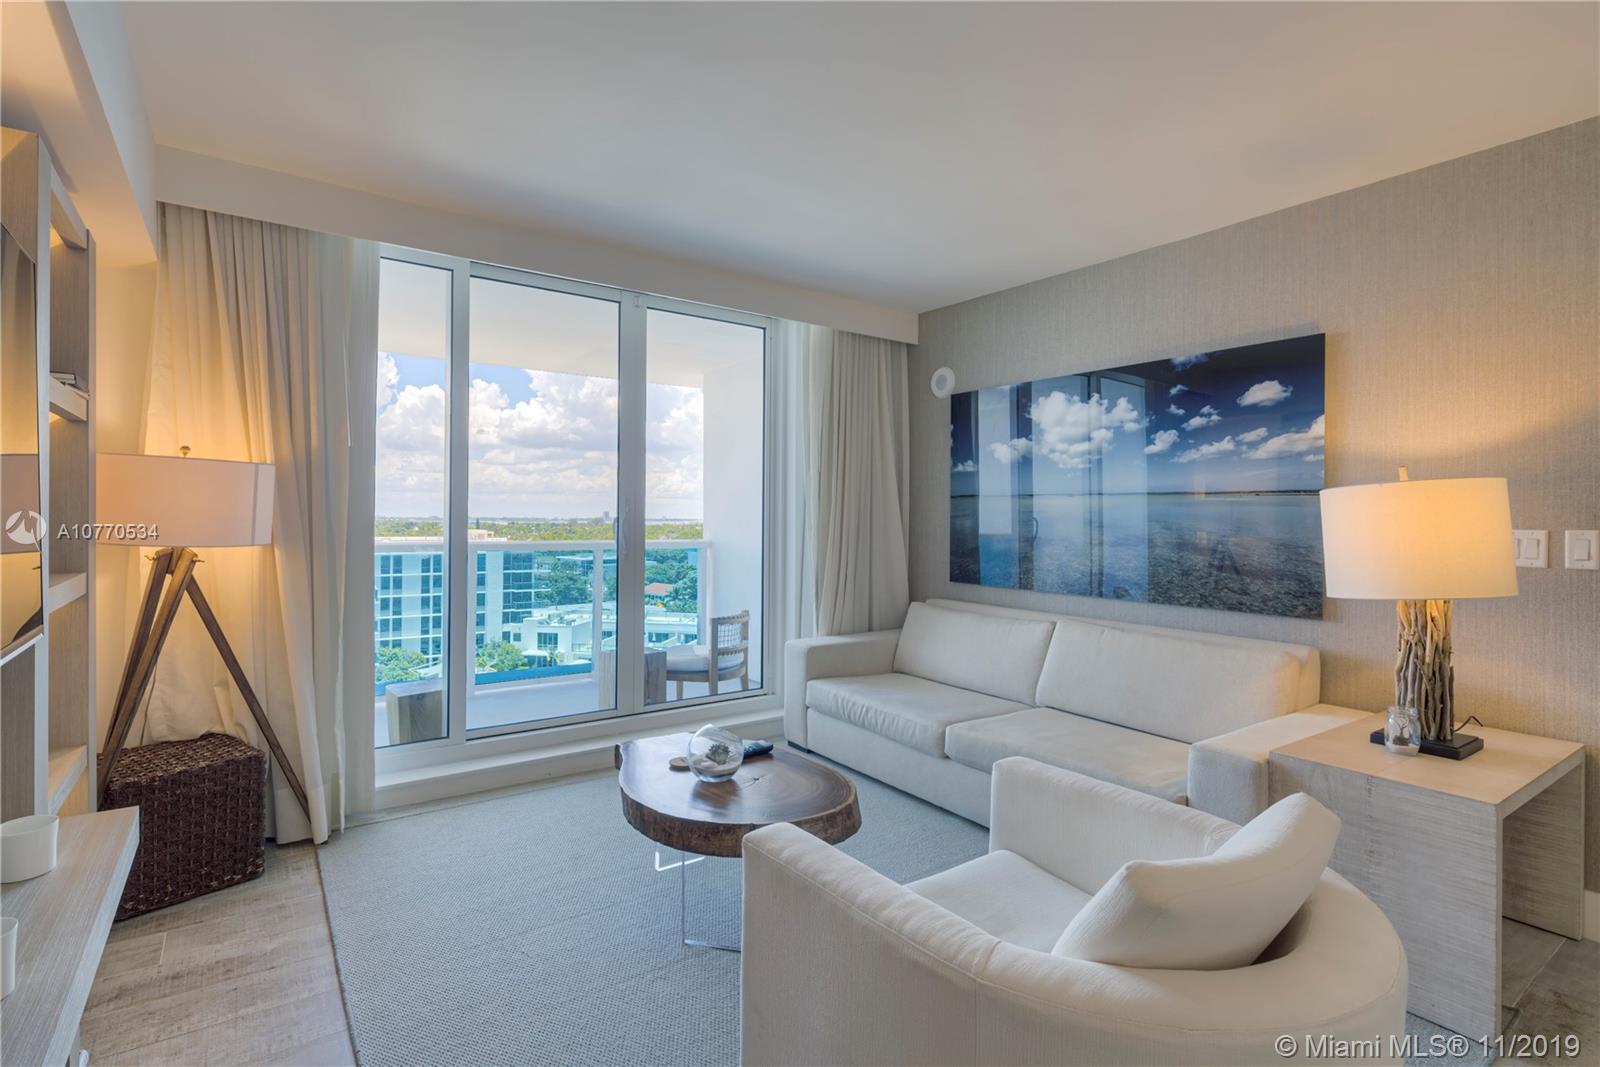 102 24 street Unit 945, Miami Beach FL 33139